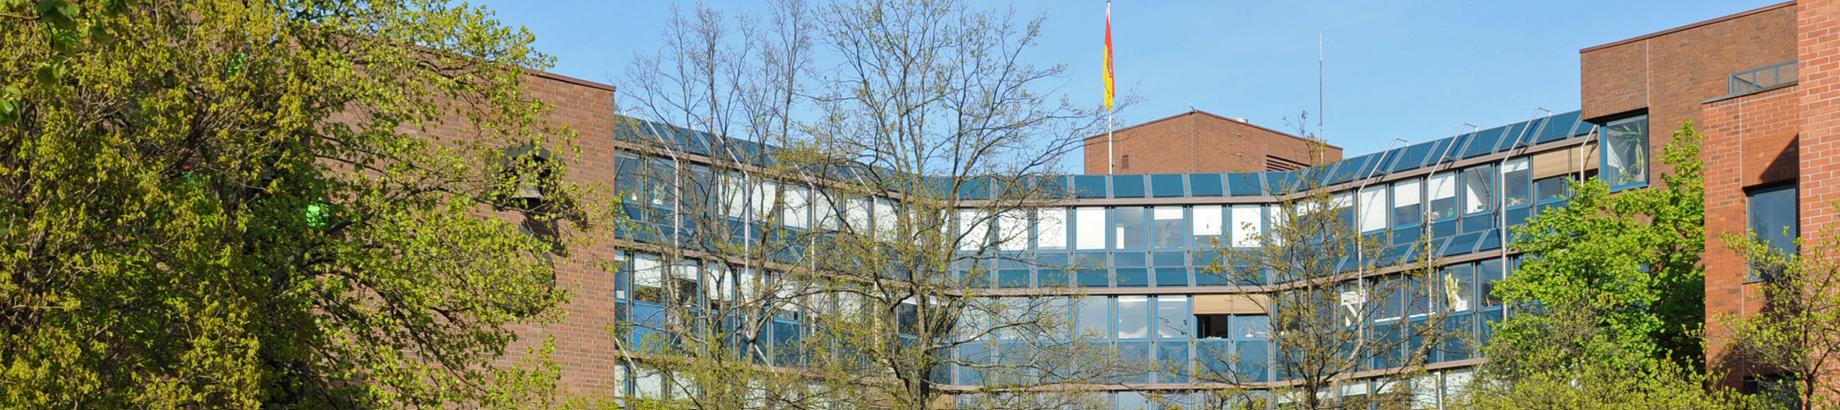 Rathaus-Header